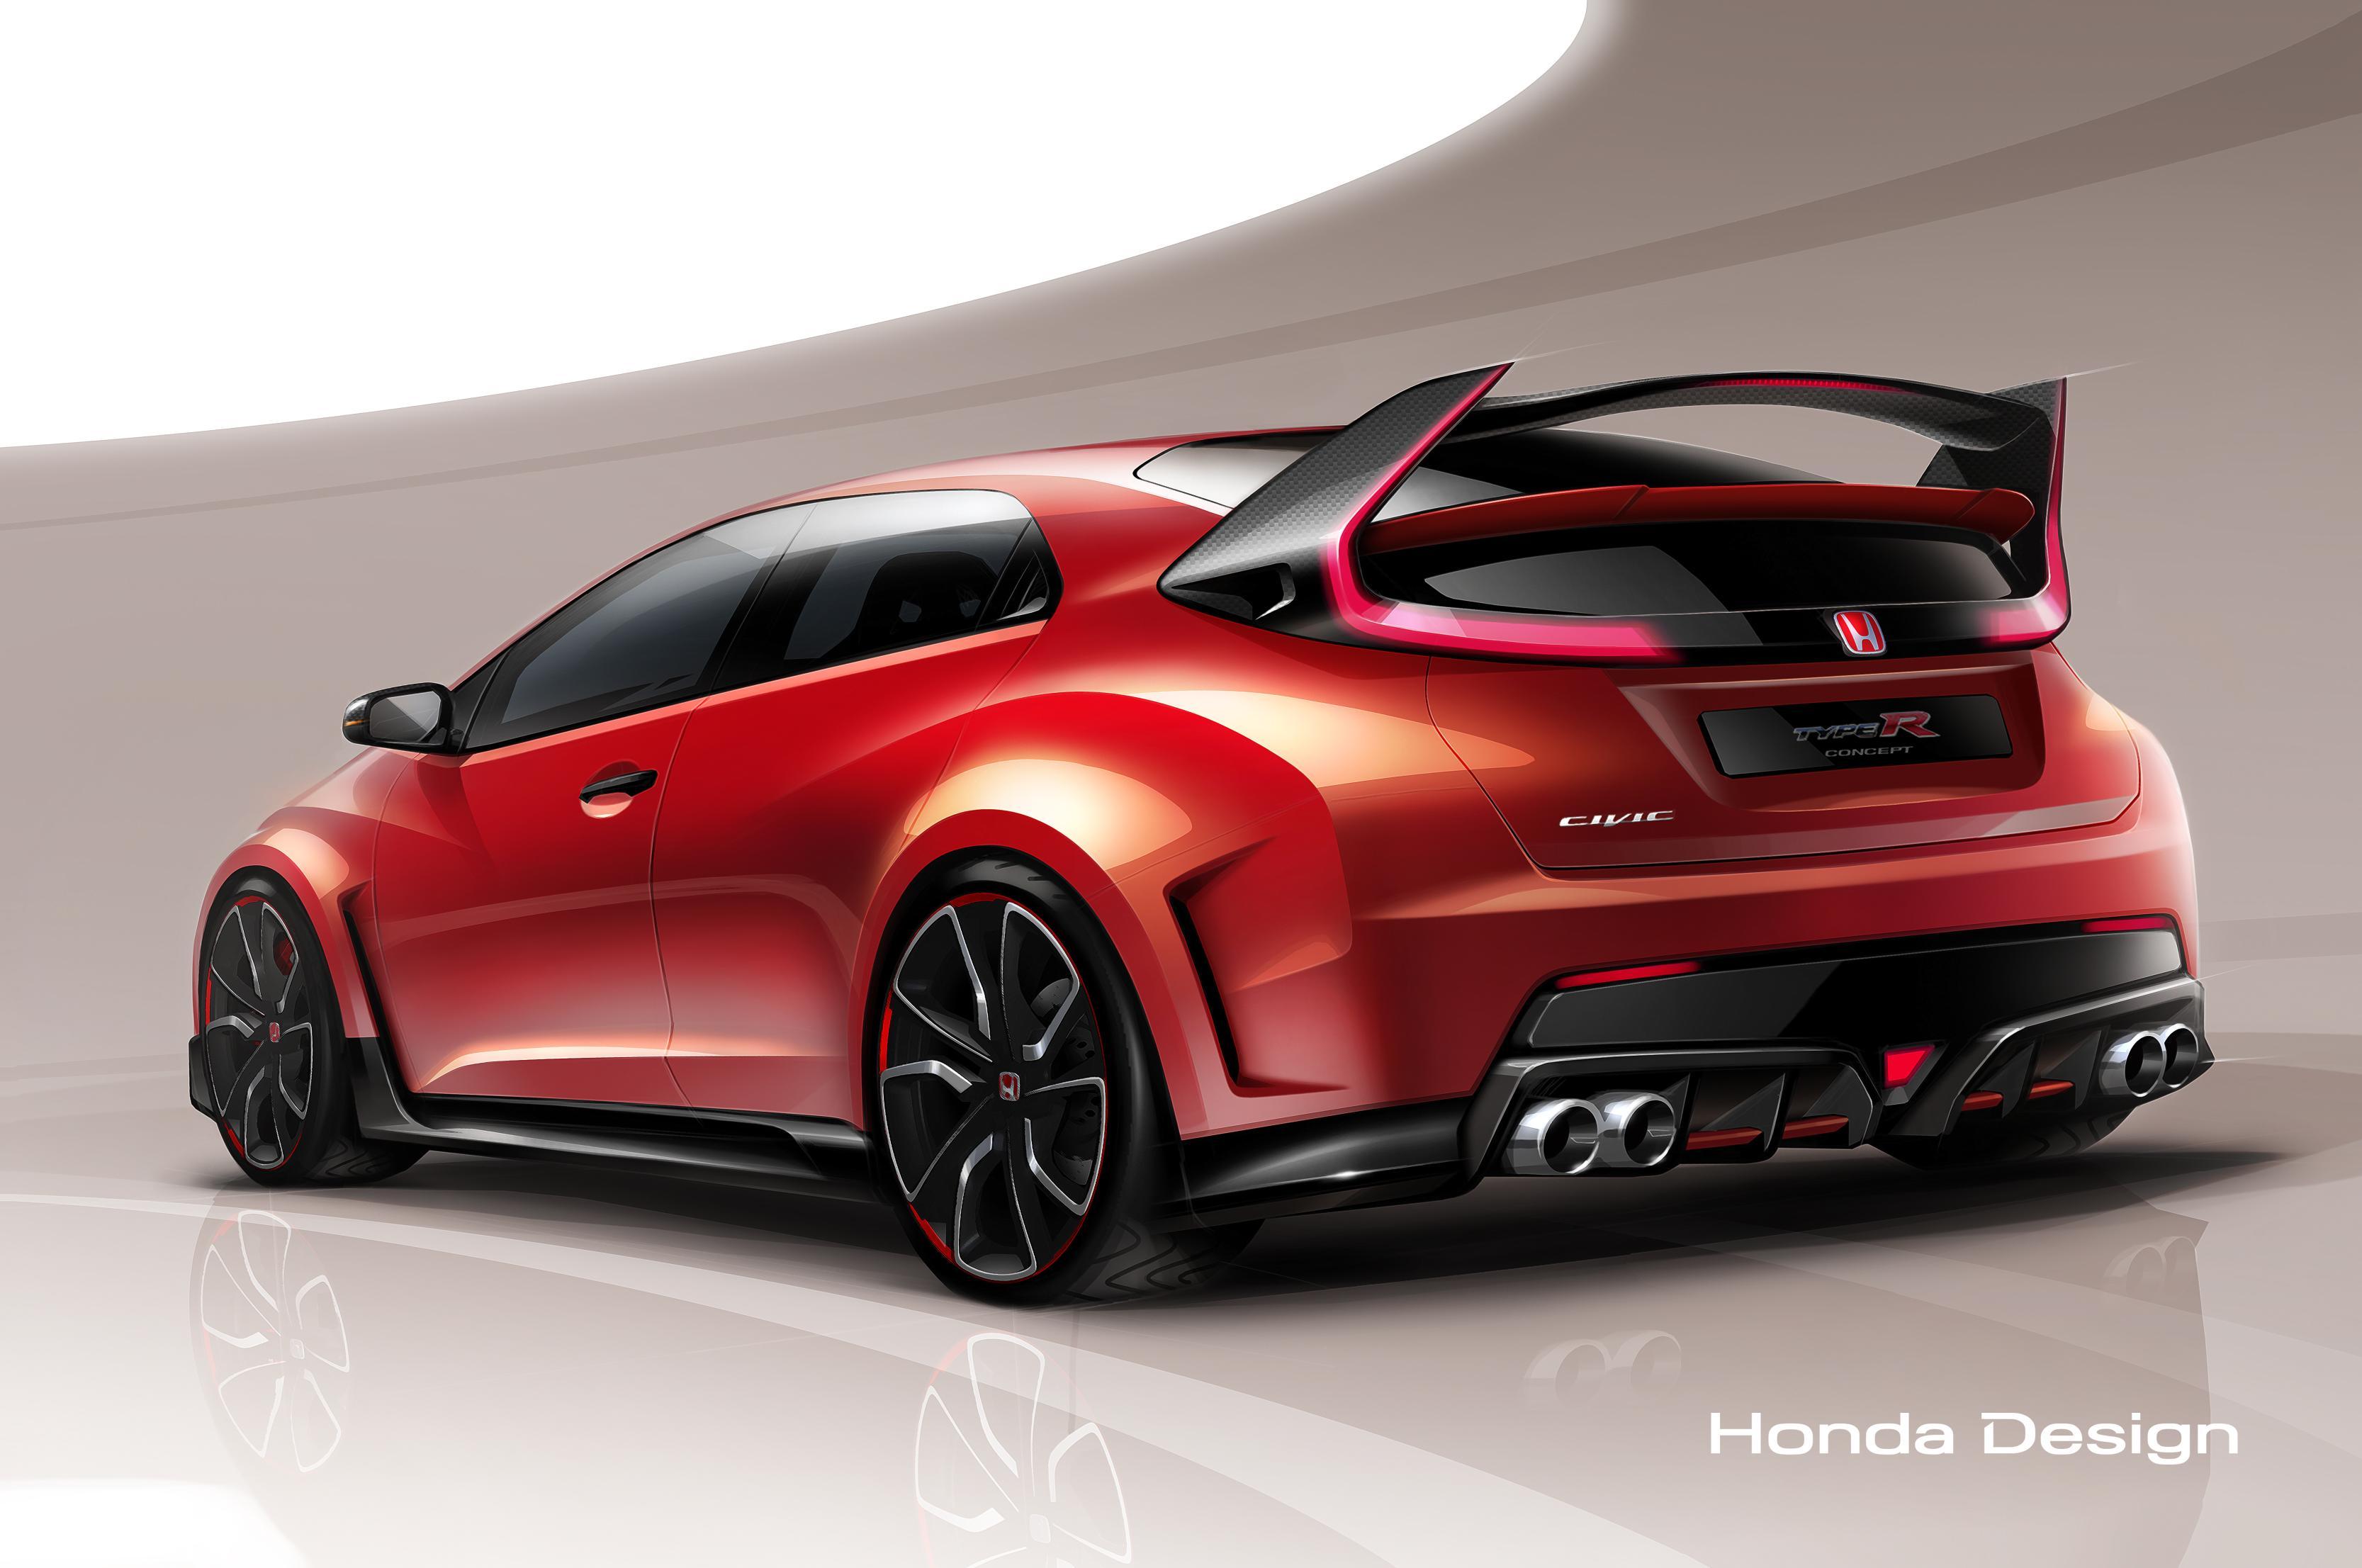 El Honda Civic Type-R Concept se dejará ver en el Salón de Ginebra